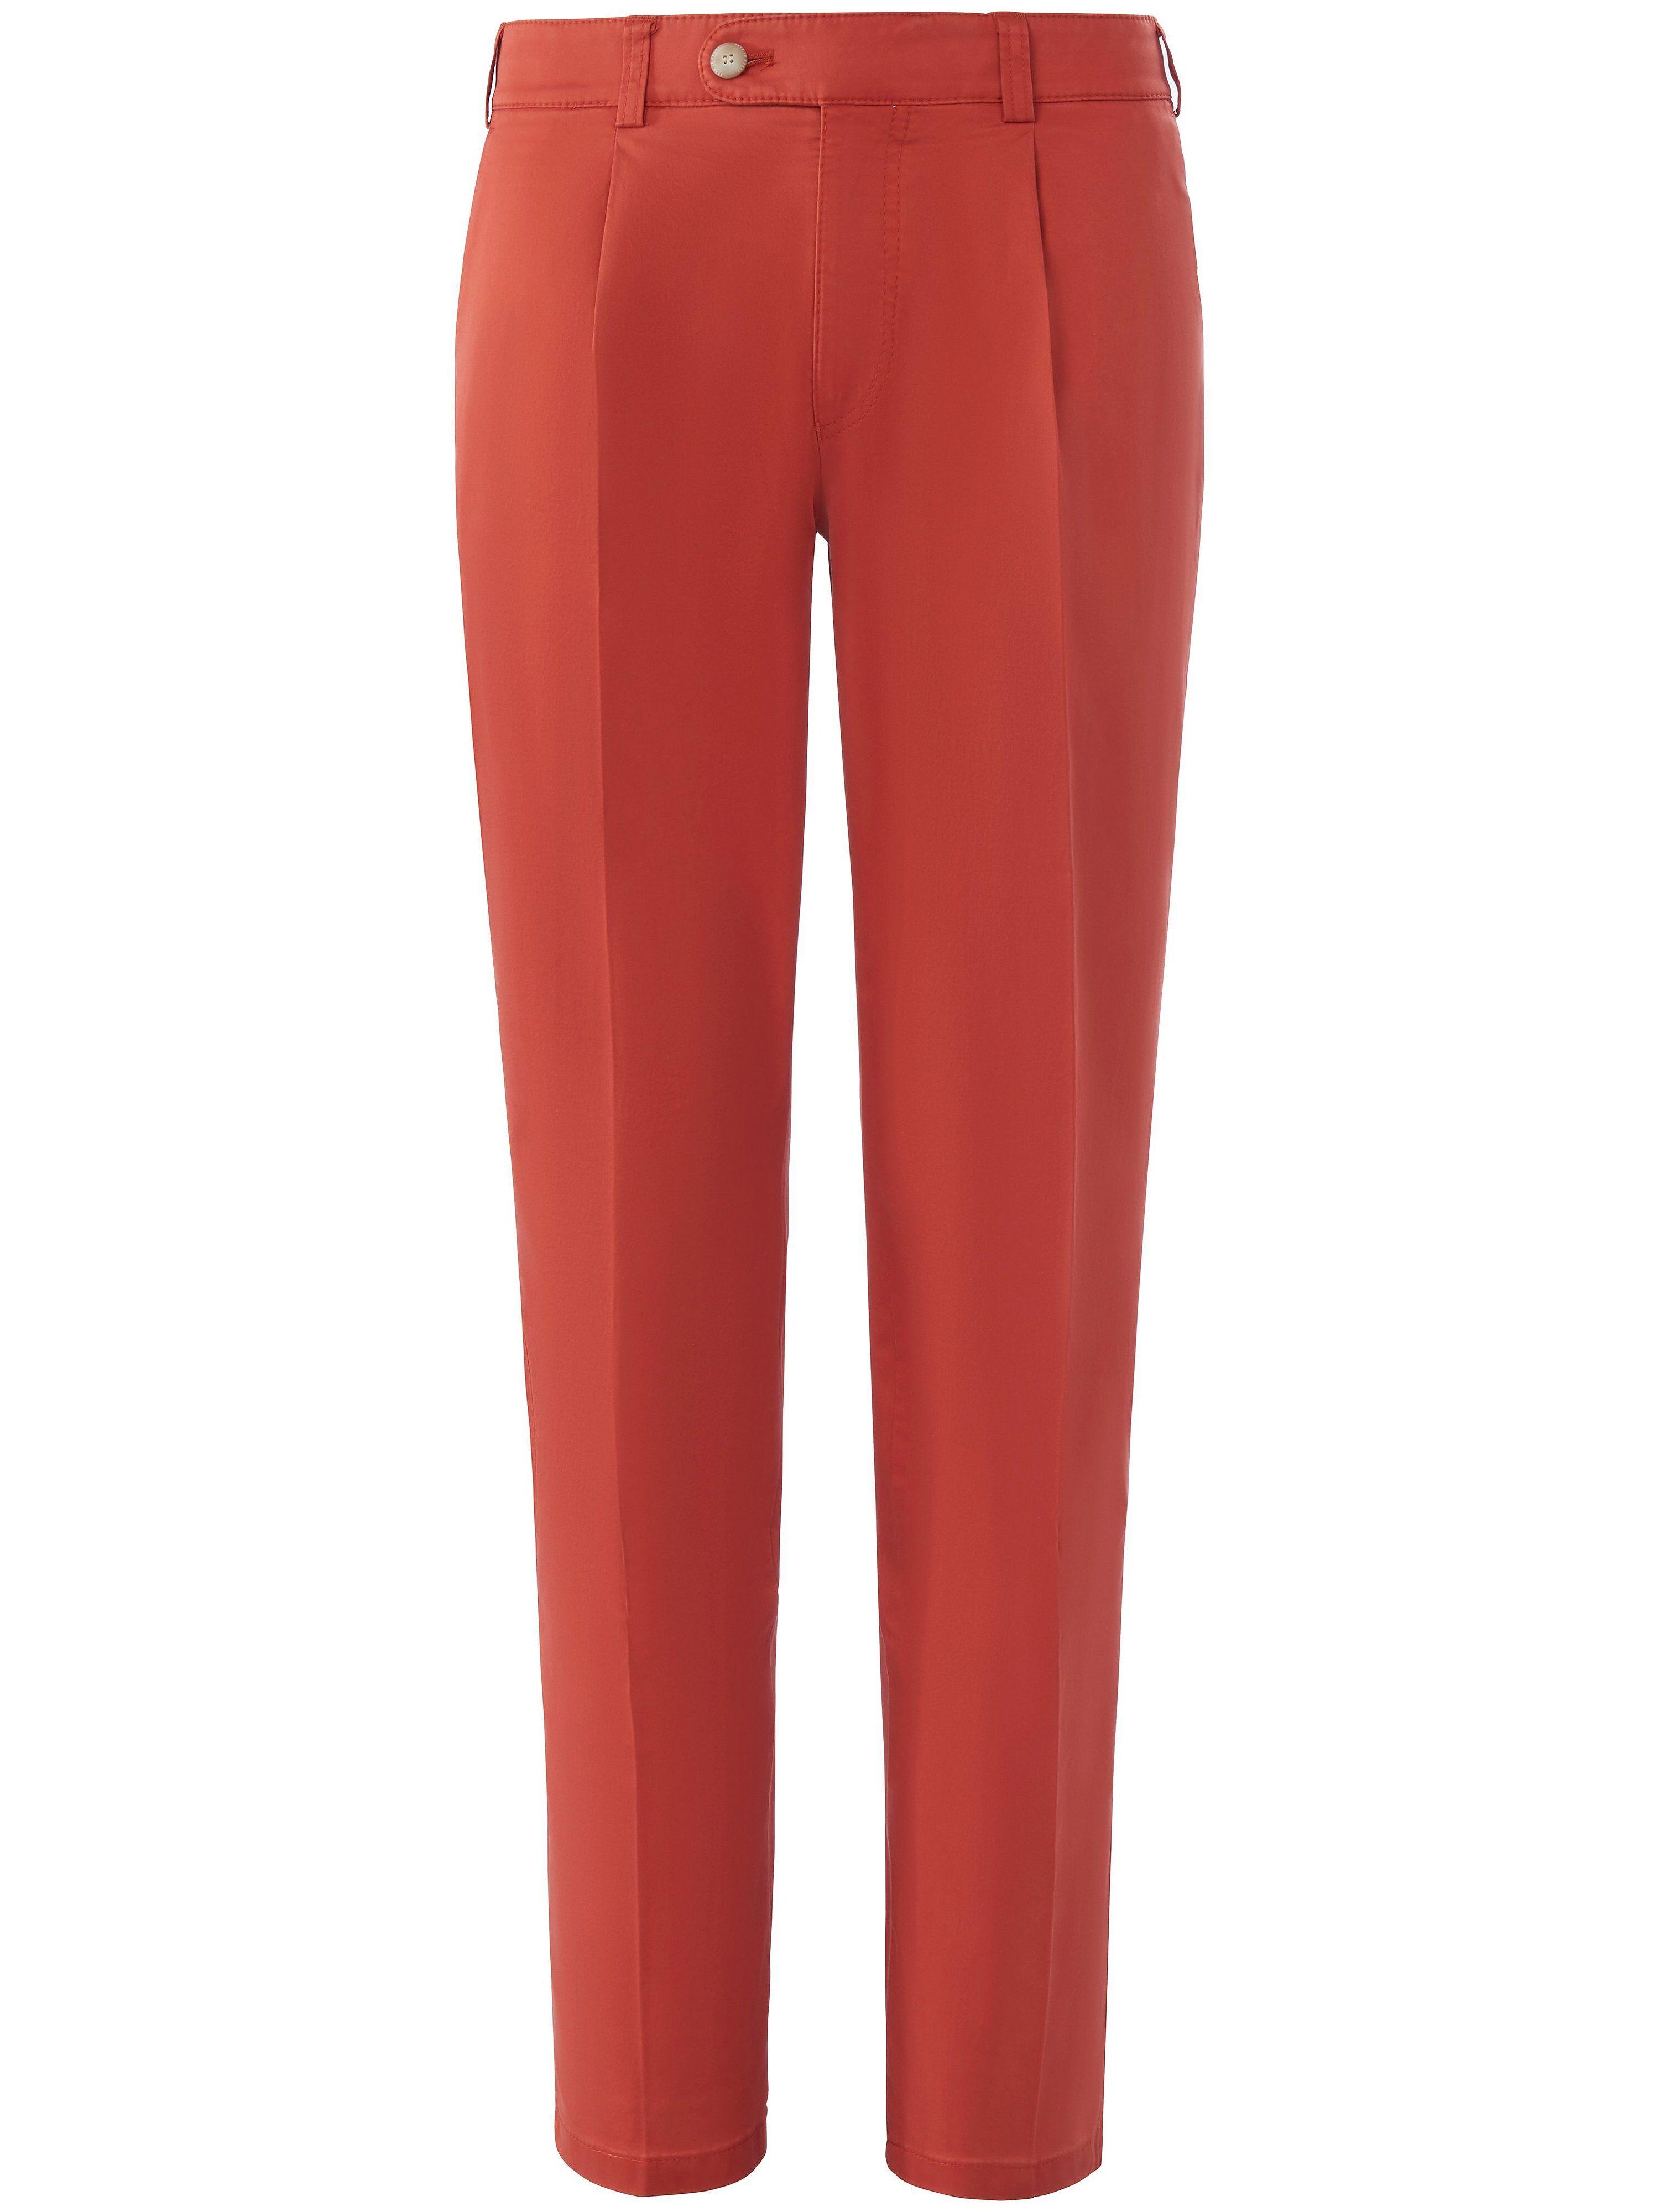 Brax Le pantalon à pinces modèle Luis  Eurex by Brax rouge  - Homme - 26